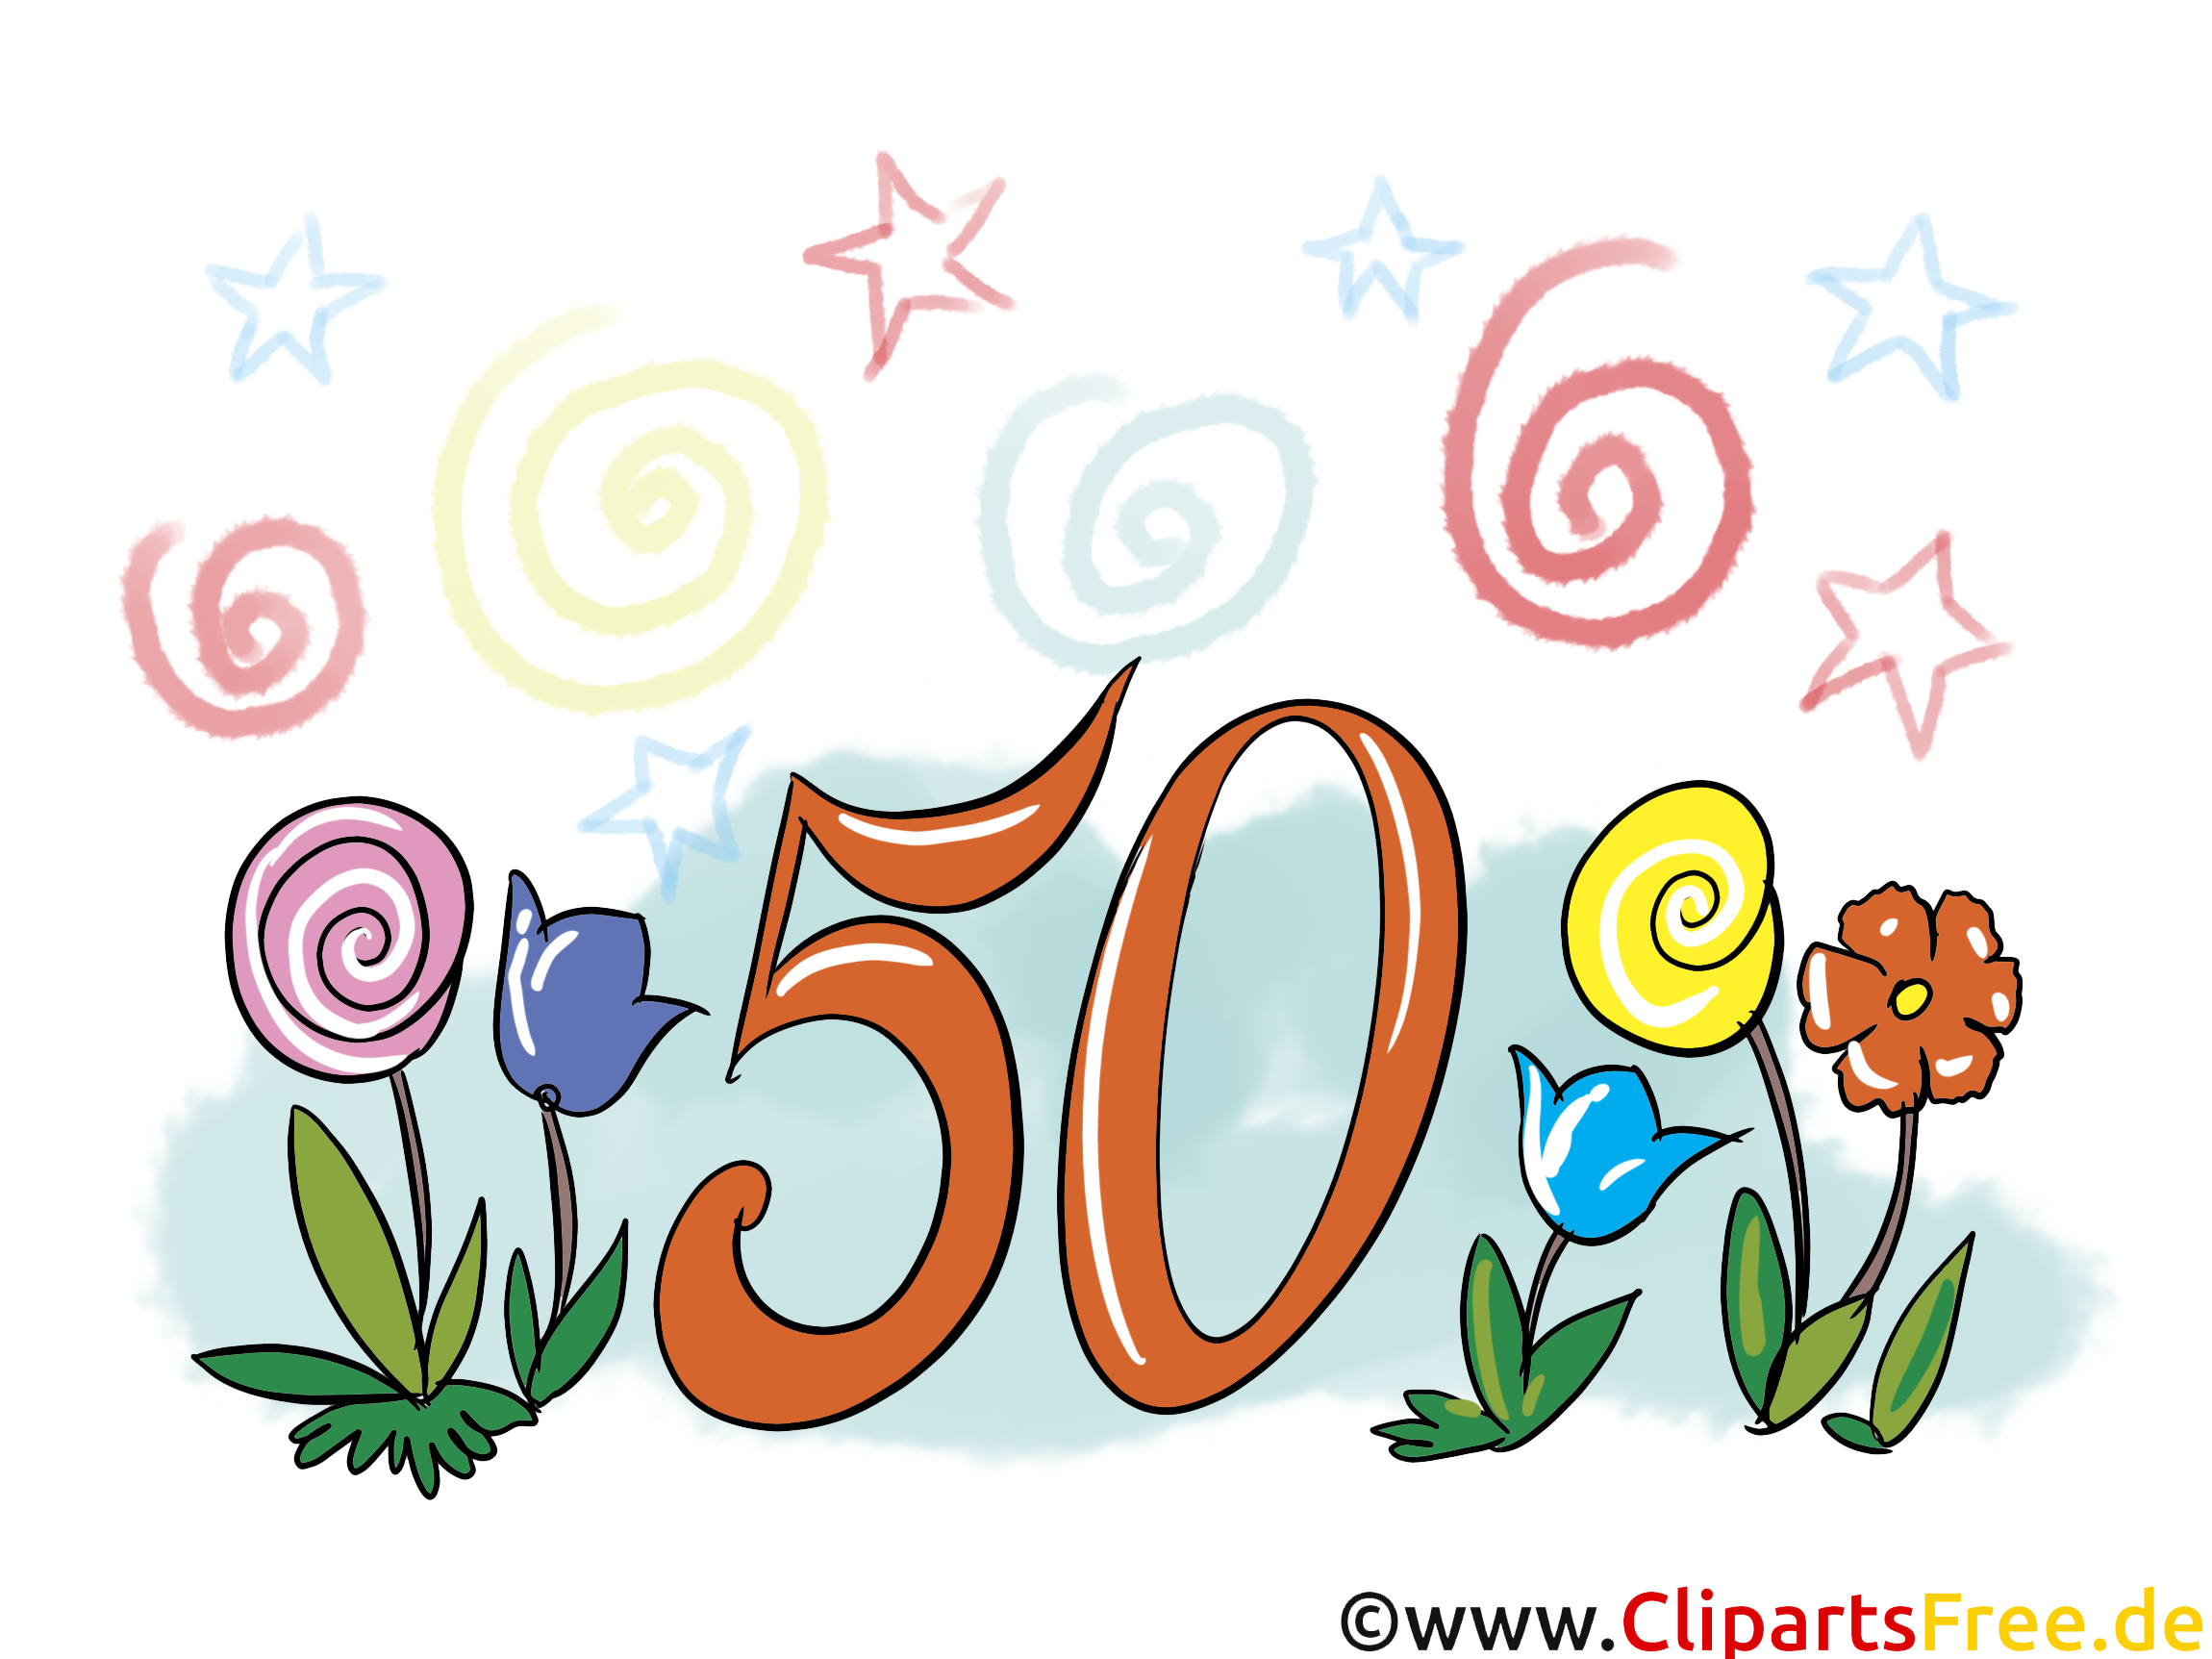 Fleurs 50 ans clip art gratuit anniversaire images anniversaire dessin picture image - Clipart anniversaire gratuit telecharger ...